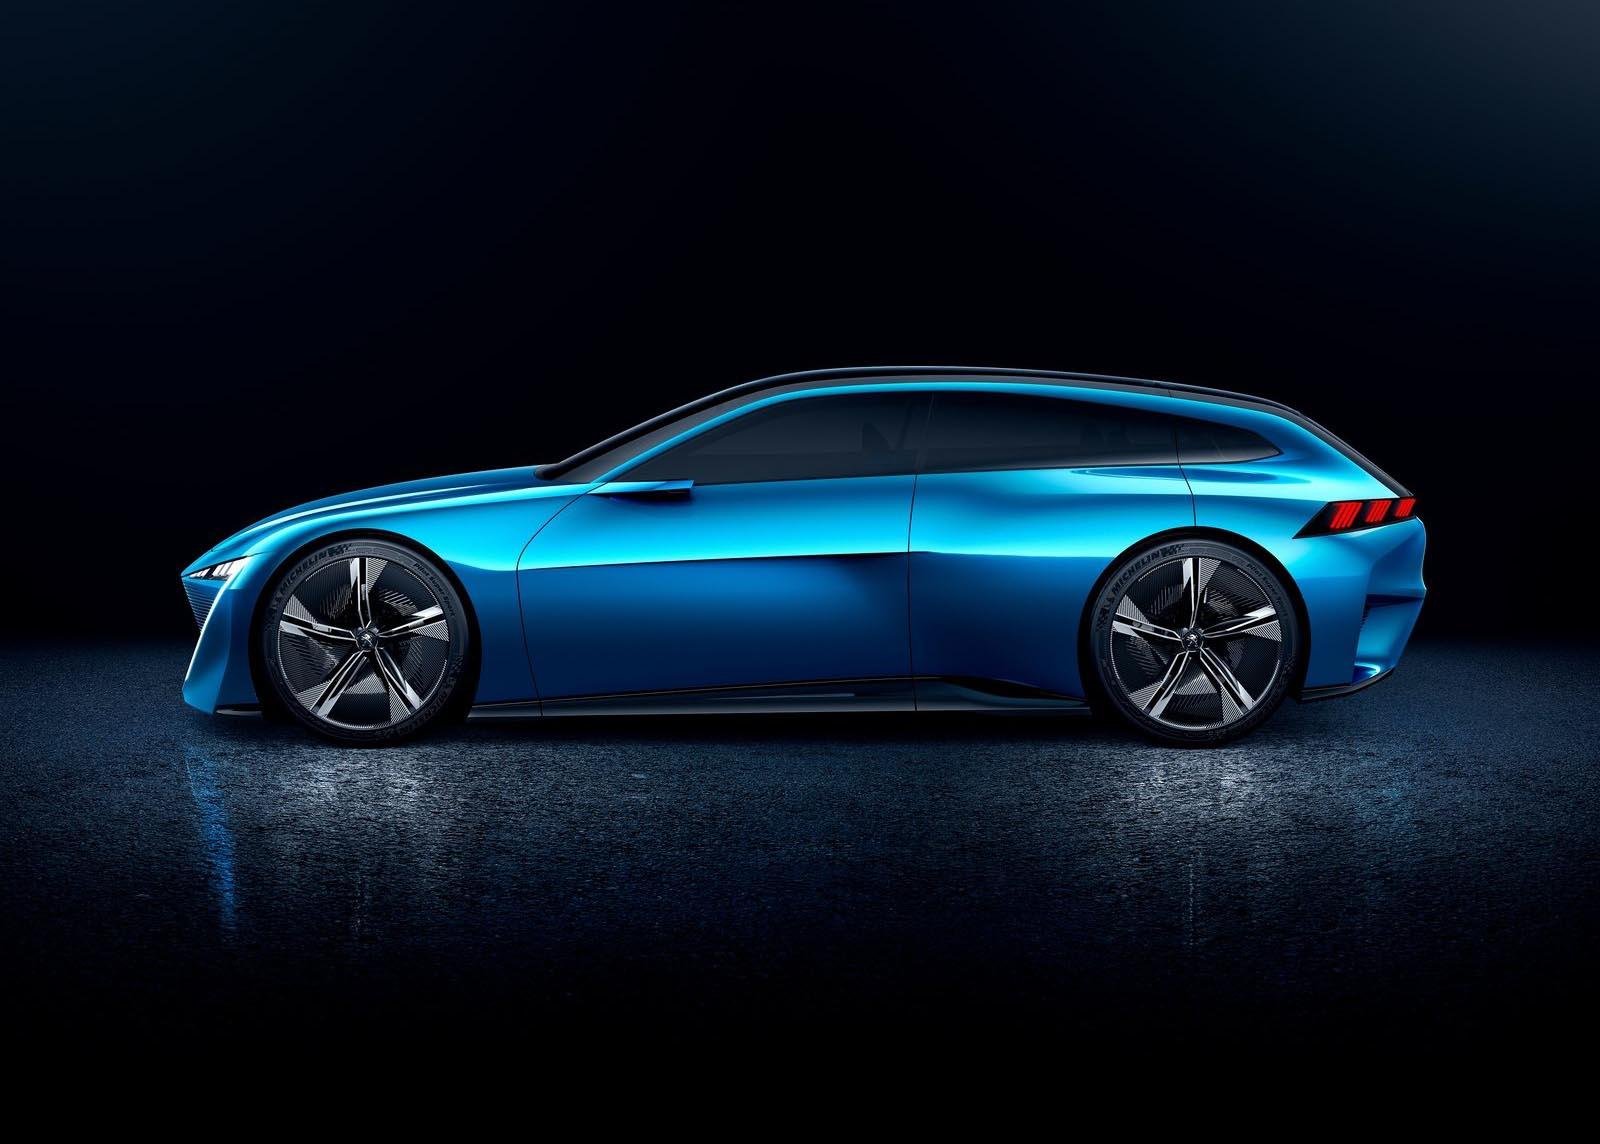 Peugeot-Instinct_Concept-2017-1600-12.jpg